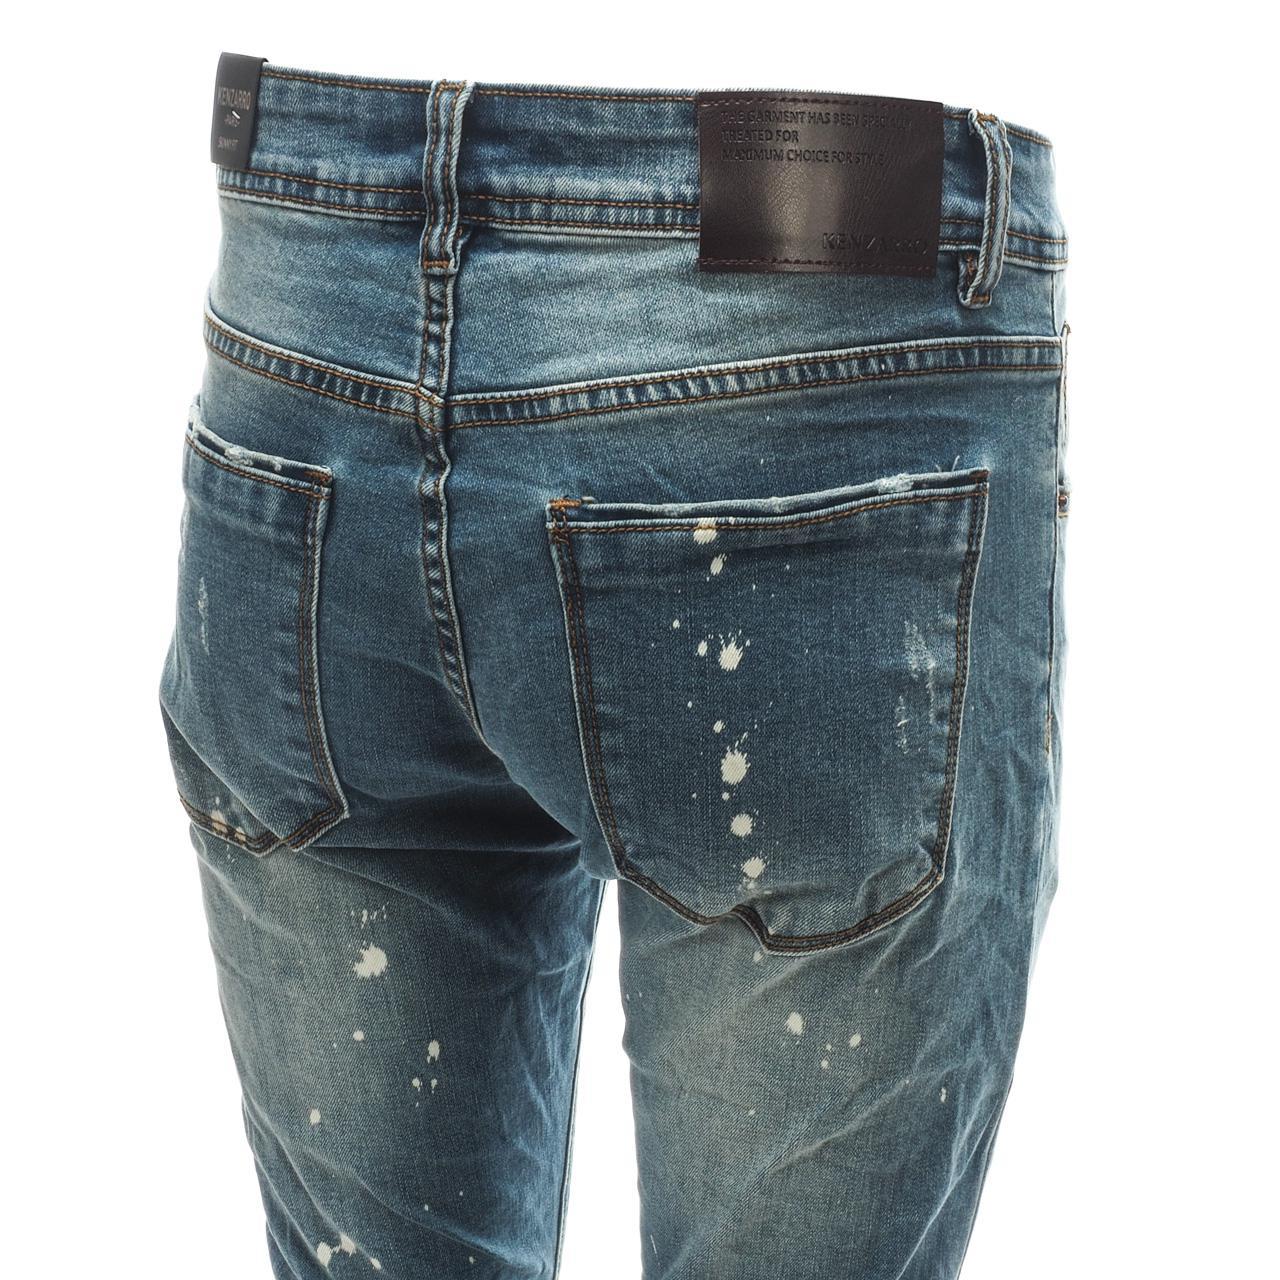 Jeans-Pants-Senders-Rikavik-Used-Blue-Blue-50030-New thumbnail 4